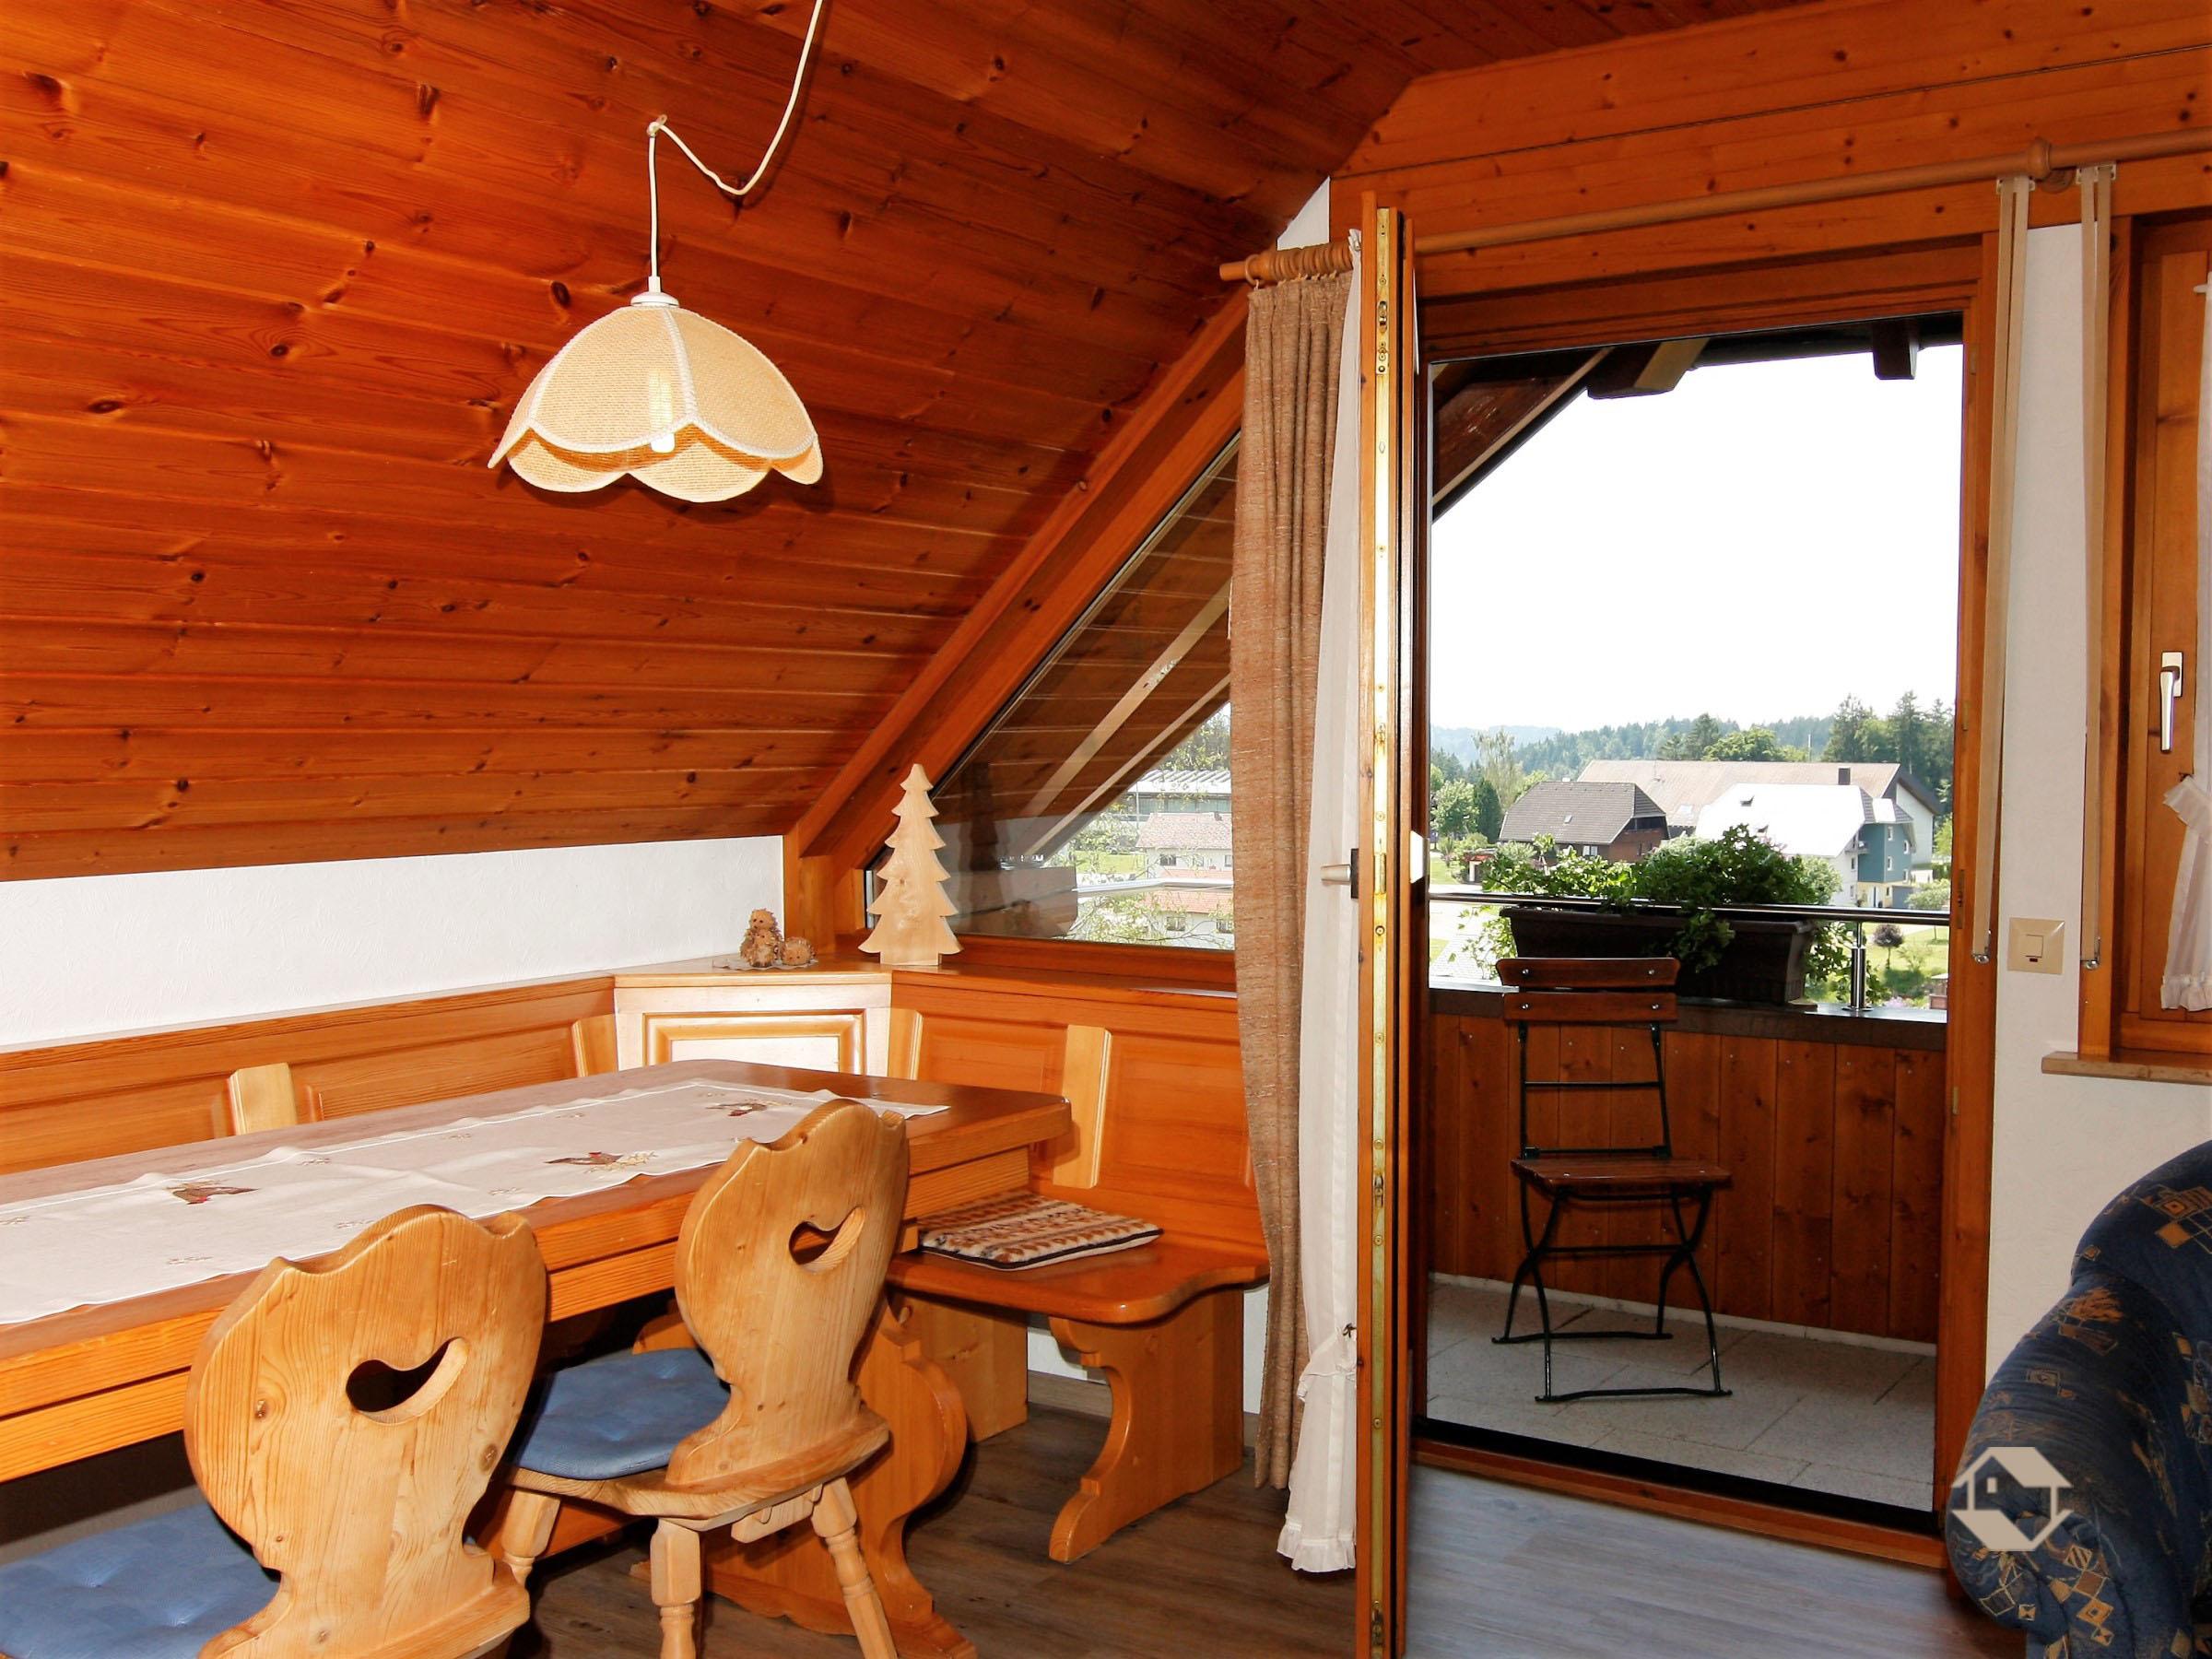 Ferienwohnung Haus Kandelblick, (Furtwangen). Ferienwohnung Feldbergblick, 70qm, 2 Schlafzimmer, 1 Wohn- (2717401), Furtwangen, Schwarzwald, Baden-Württemberg, Deutschland, Bild 16